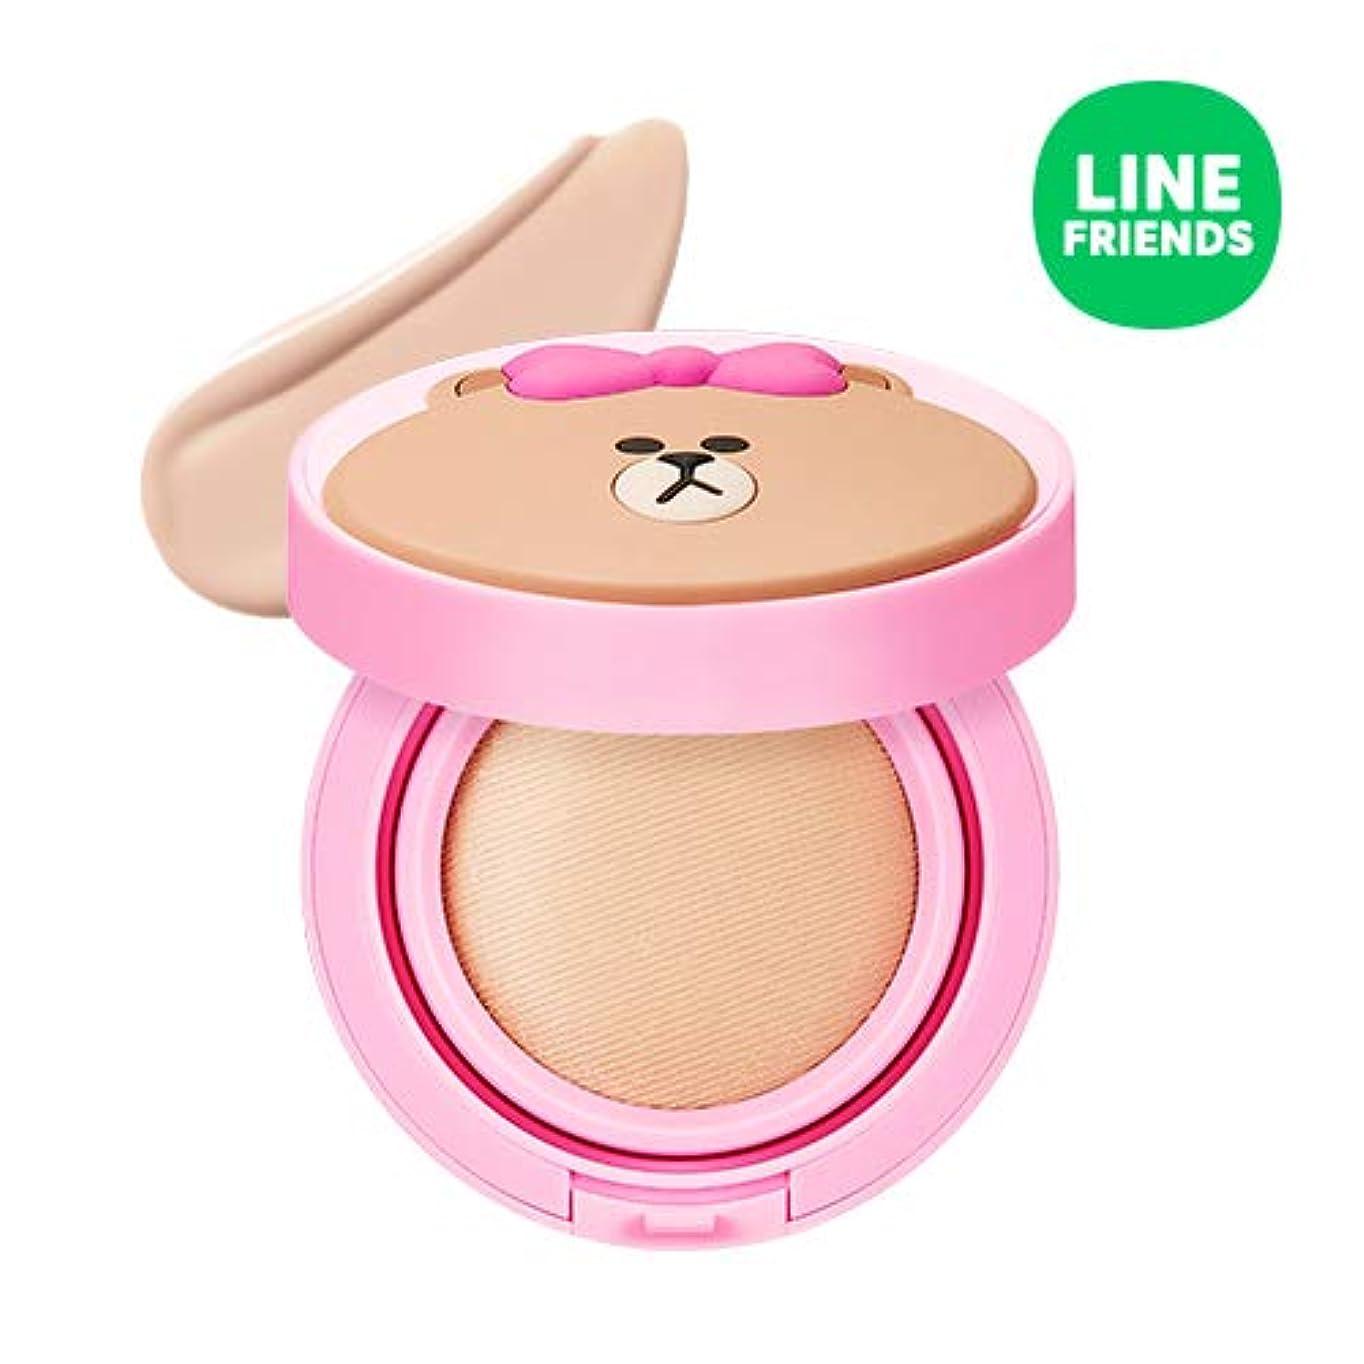 女王調整カリキュラムミシャ(ラインフレンズ)グローテンション15g / MISSHA [Line Friends Edition] Glow Tension SPF50 PA+++ #Fair(Pink tone No.21) [並行輸入品]